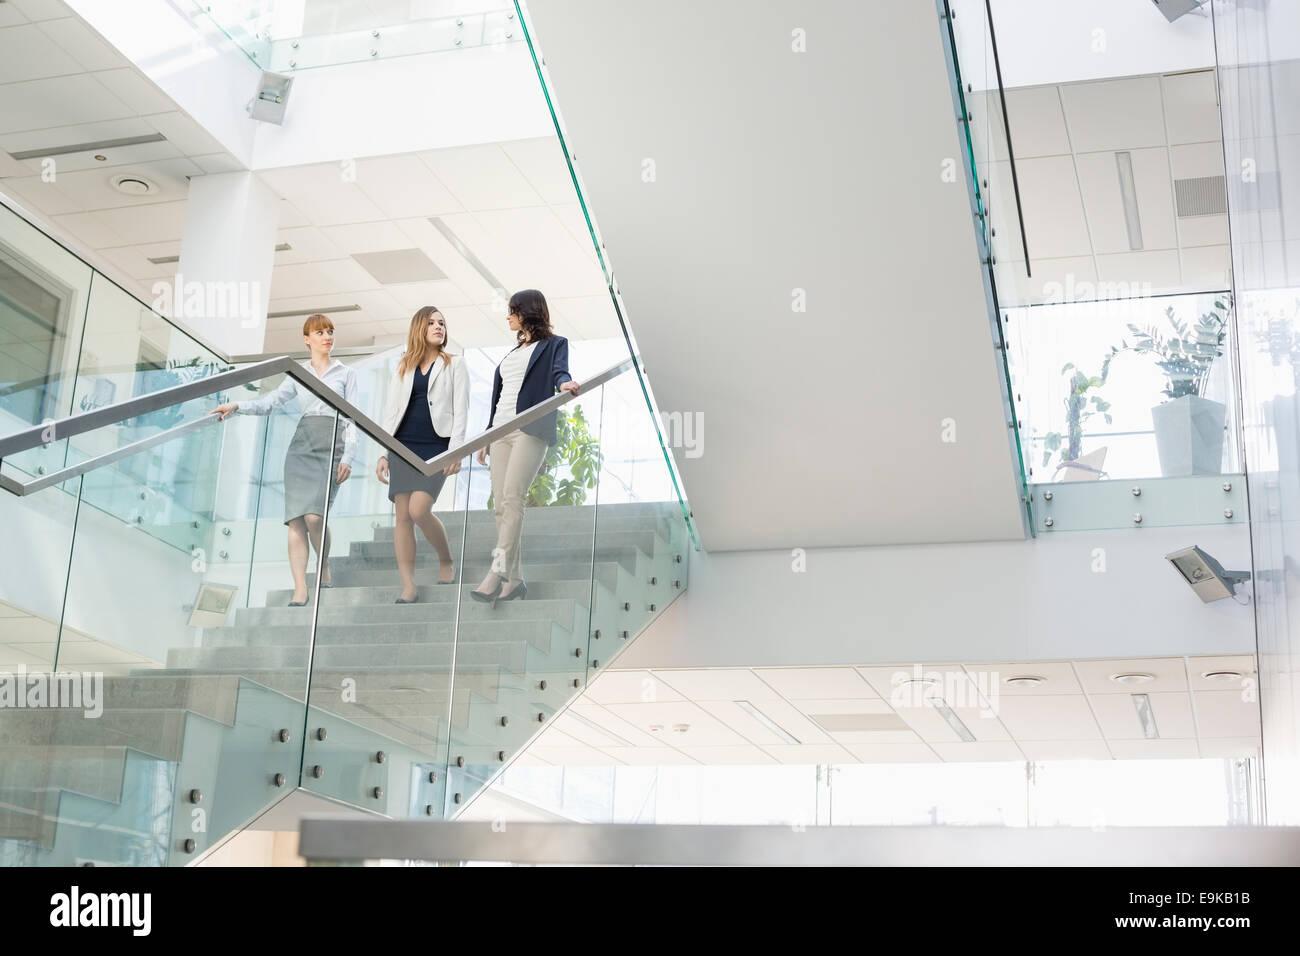 Imprenditrici a conversare mentre si sta spostando verso il basso le fasi in office Immagini Stock